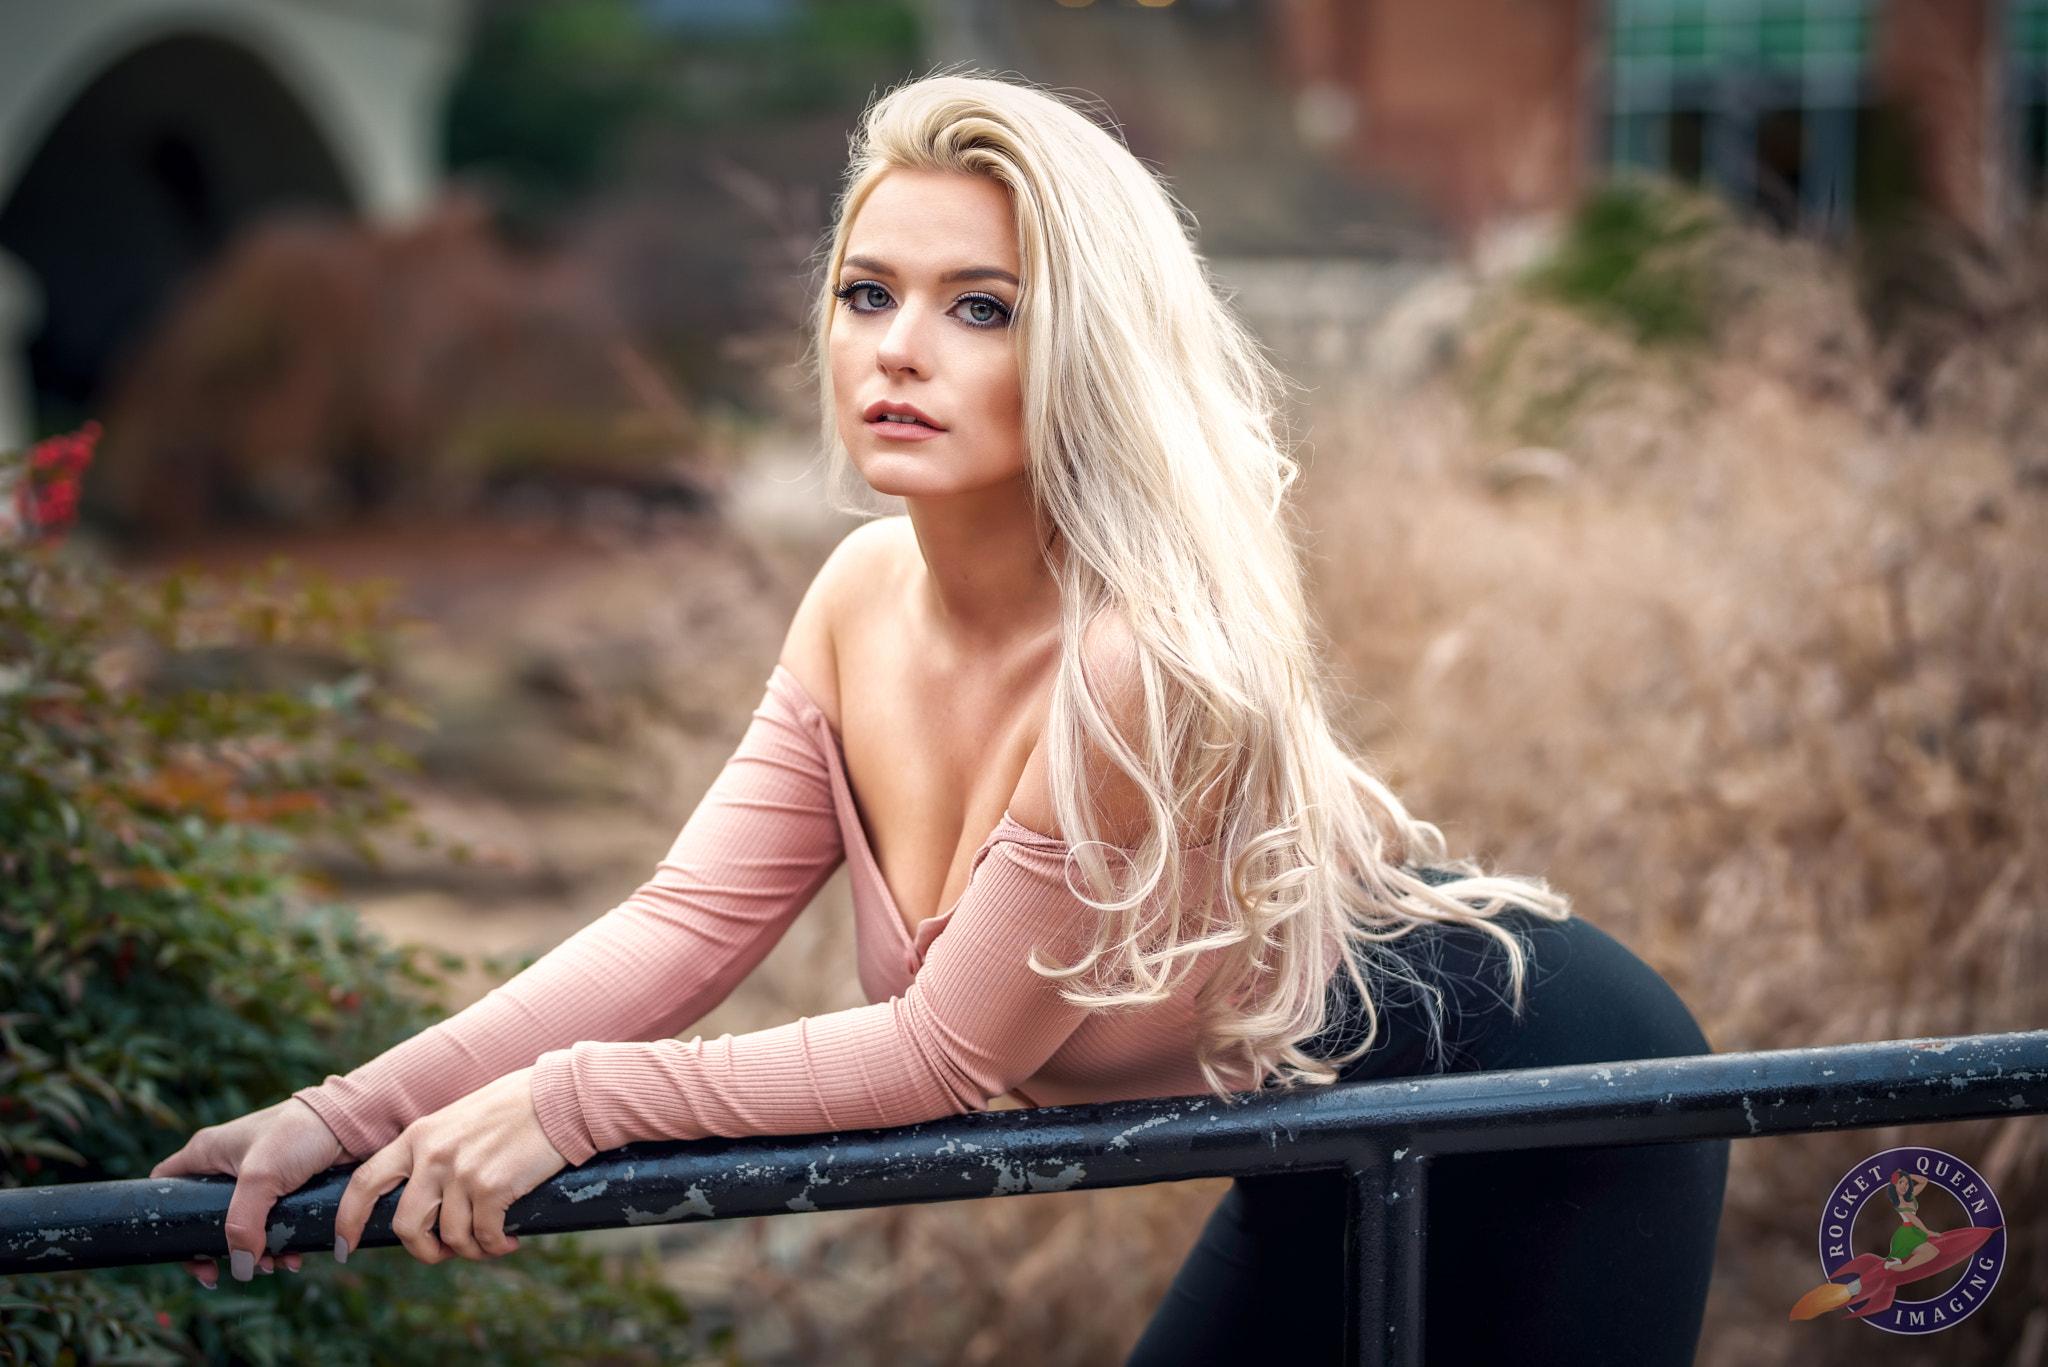 Wallpaper : blonde, face, women outdoors, long hair, bent